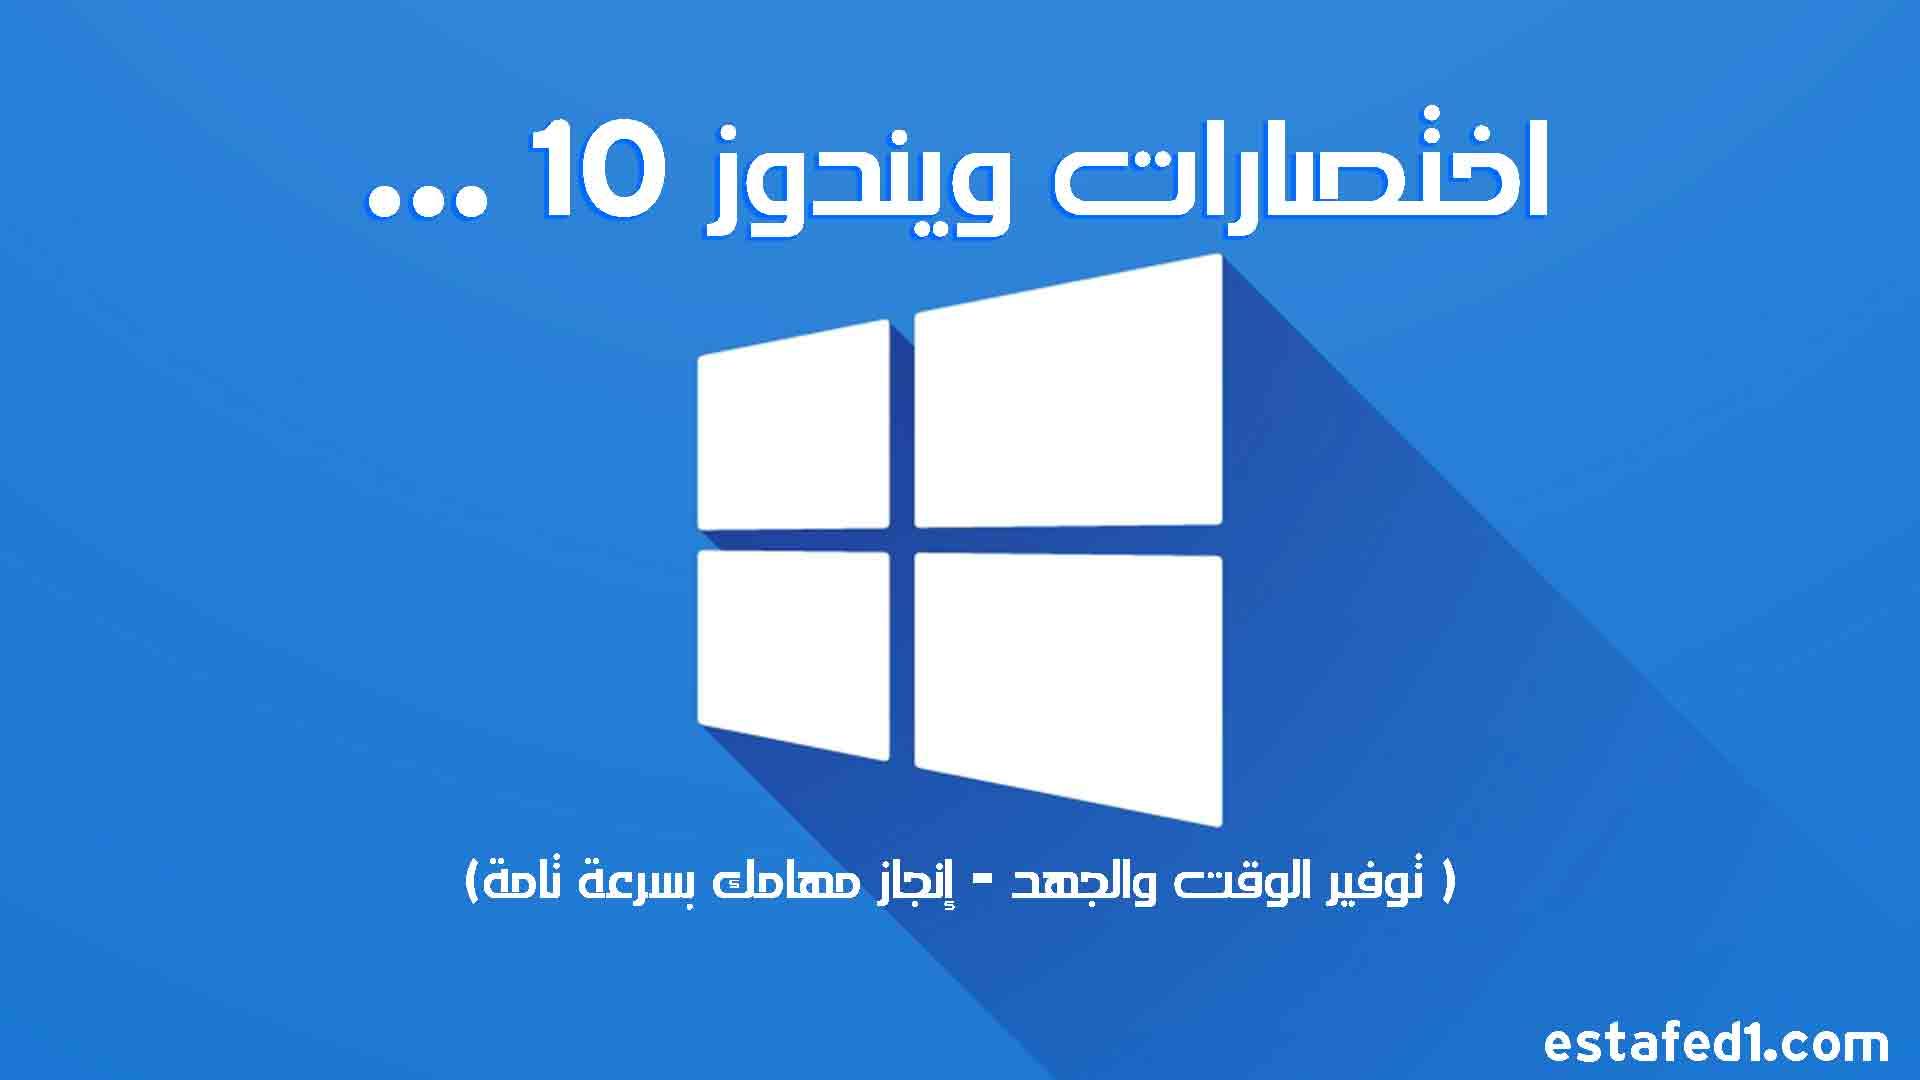 جميع اختصارات ويندوز 10 مهمة على كل مستخدم معرفتها